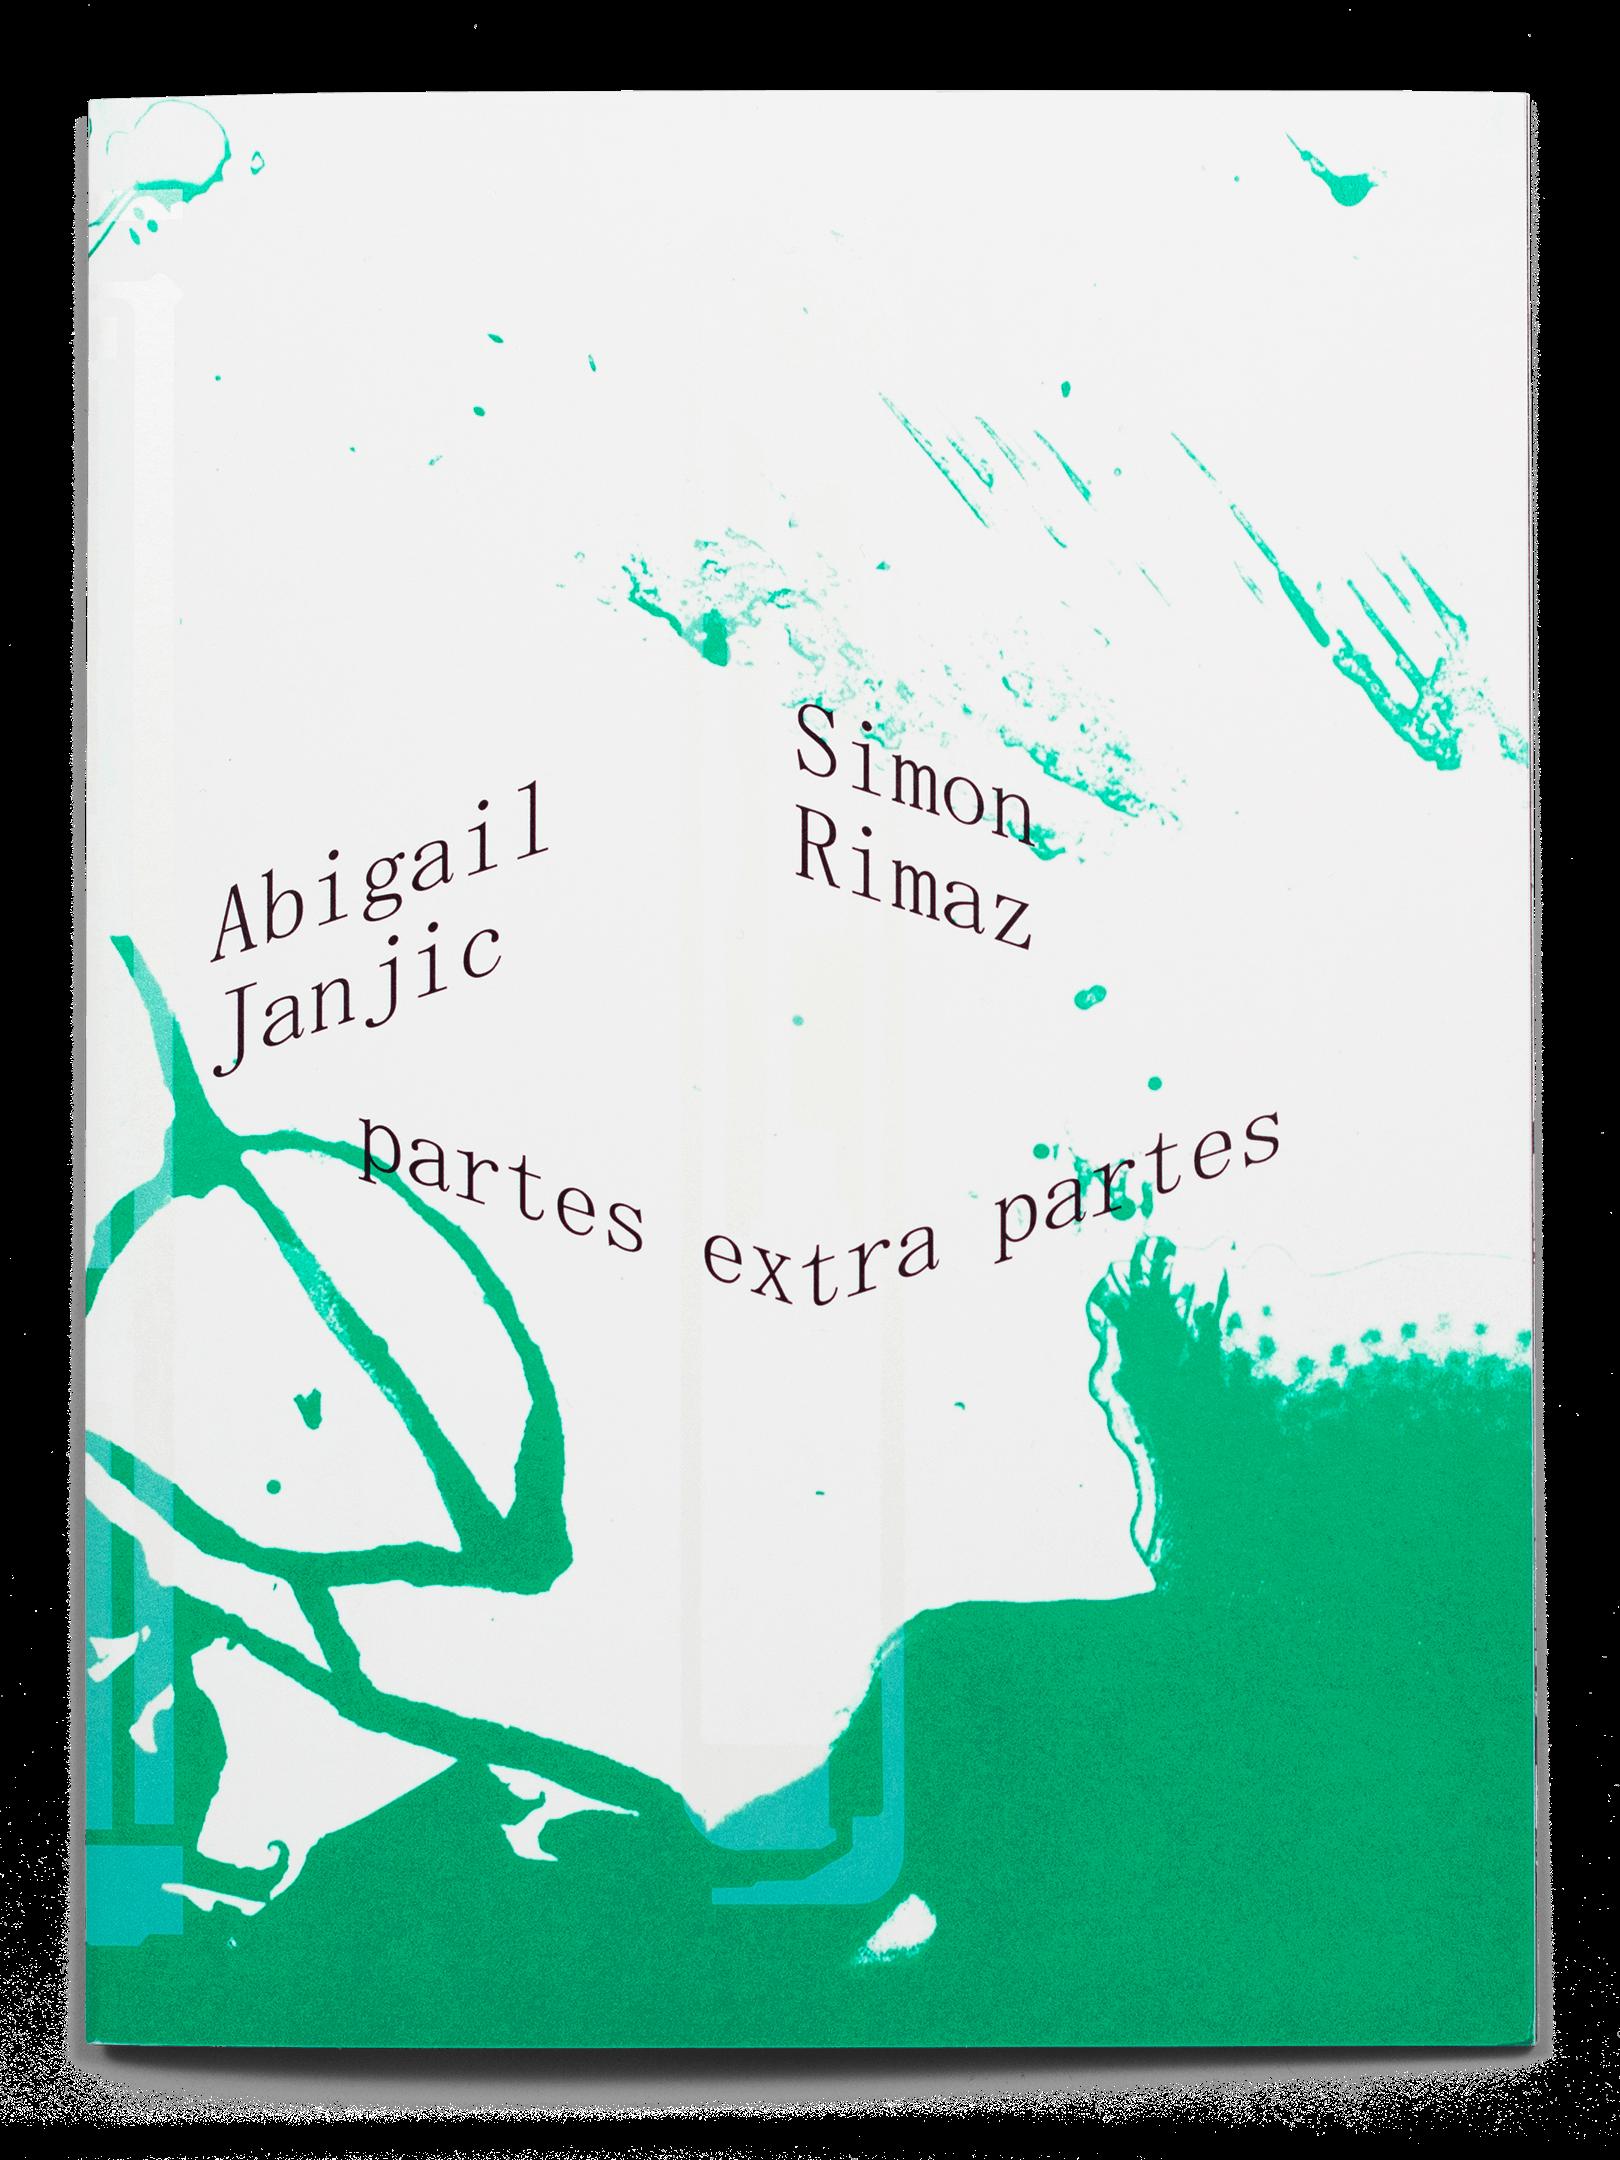 Couverture de la brochure de l'exposition de Abigail Janjic et Simon Rimaz à la Ferme de la Chapelle